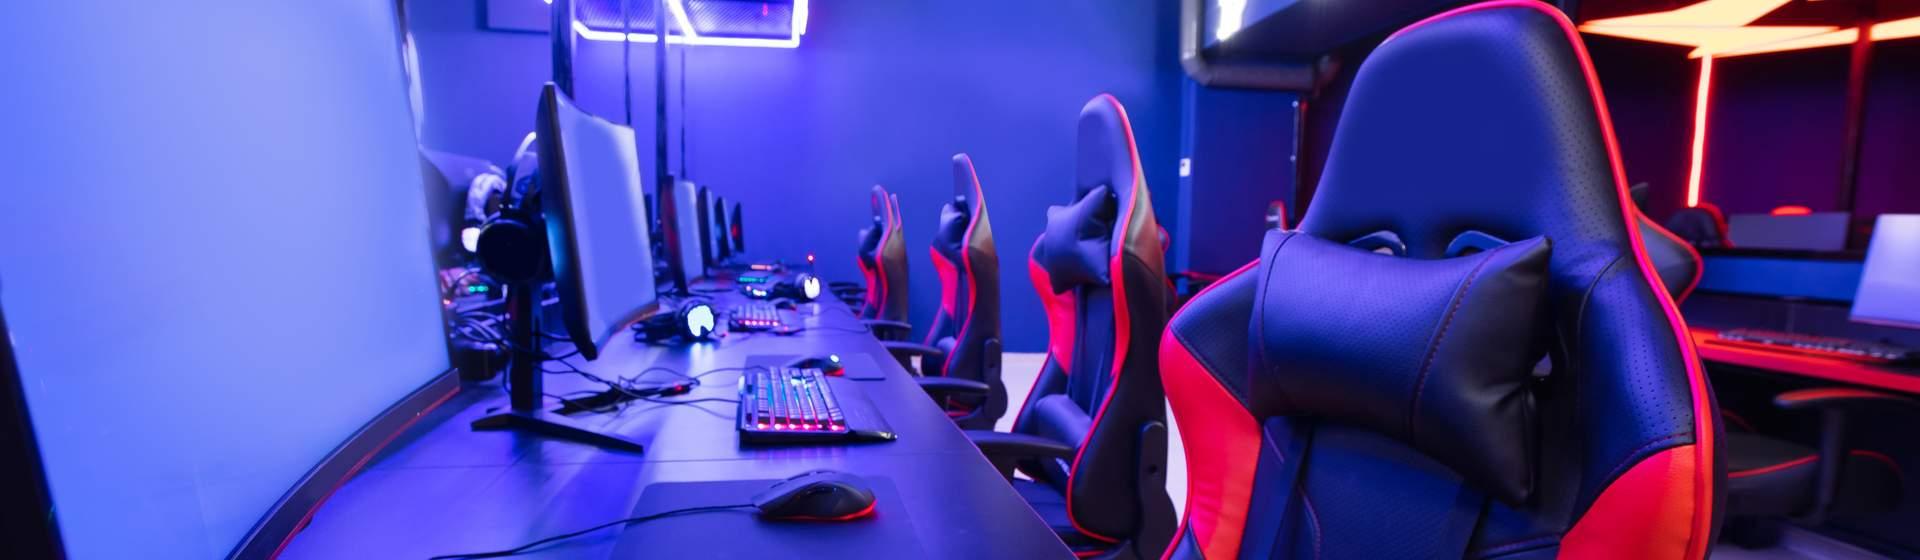 Melhor cadeira gamer barata em 2021: 7 modelos confortáveis